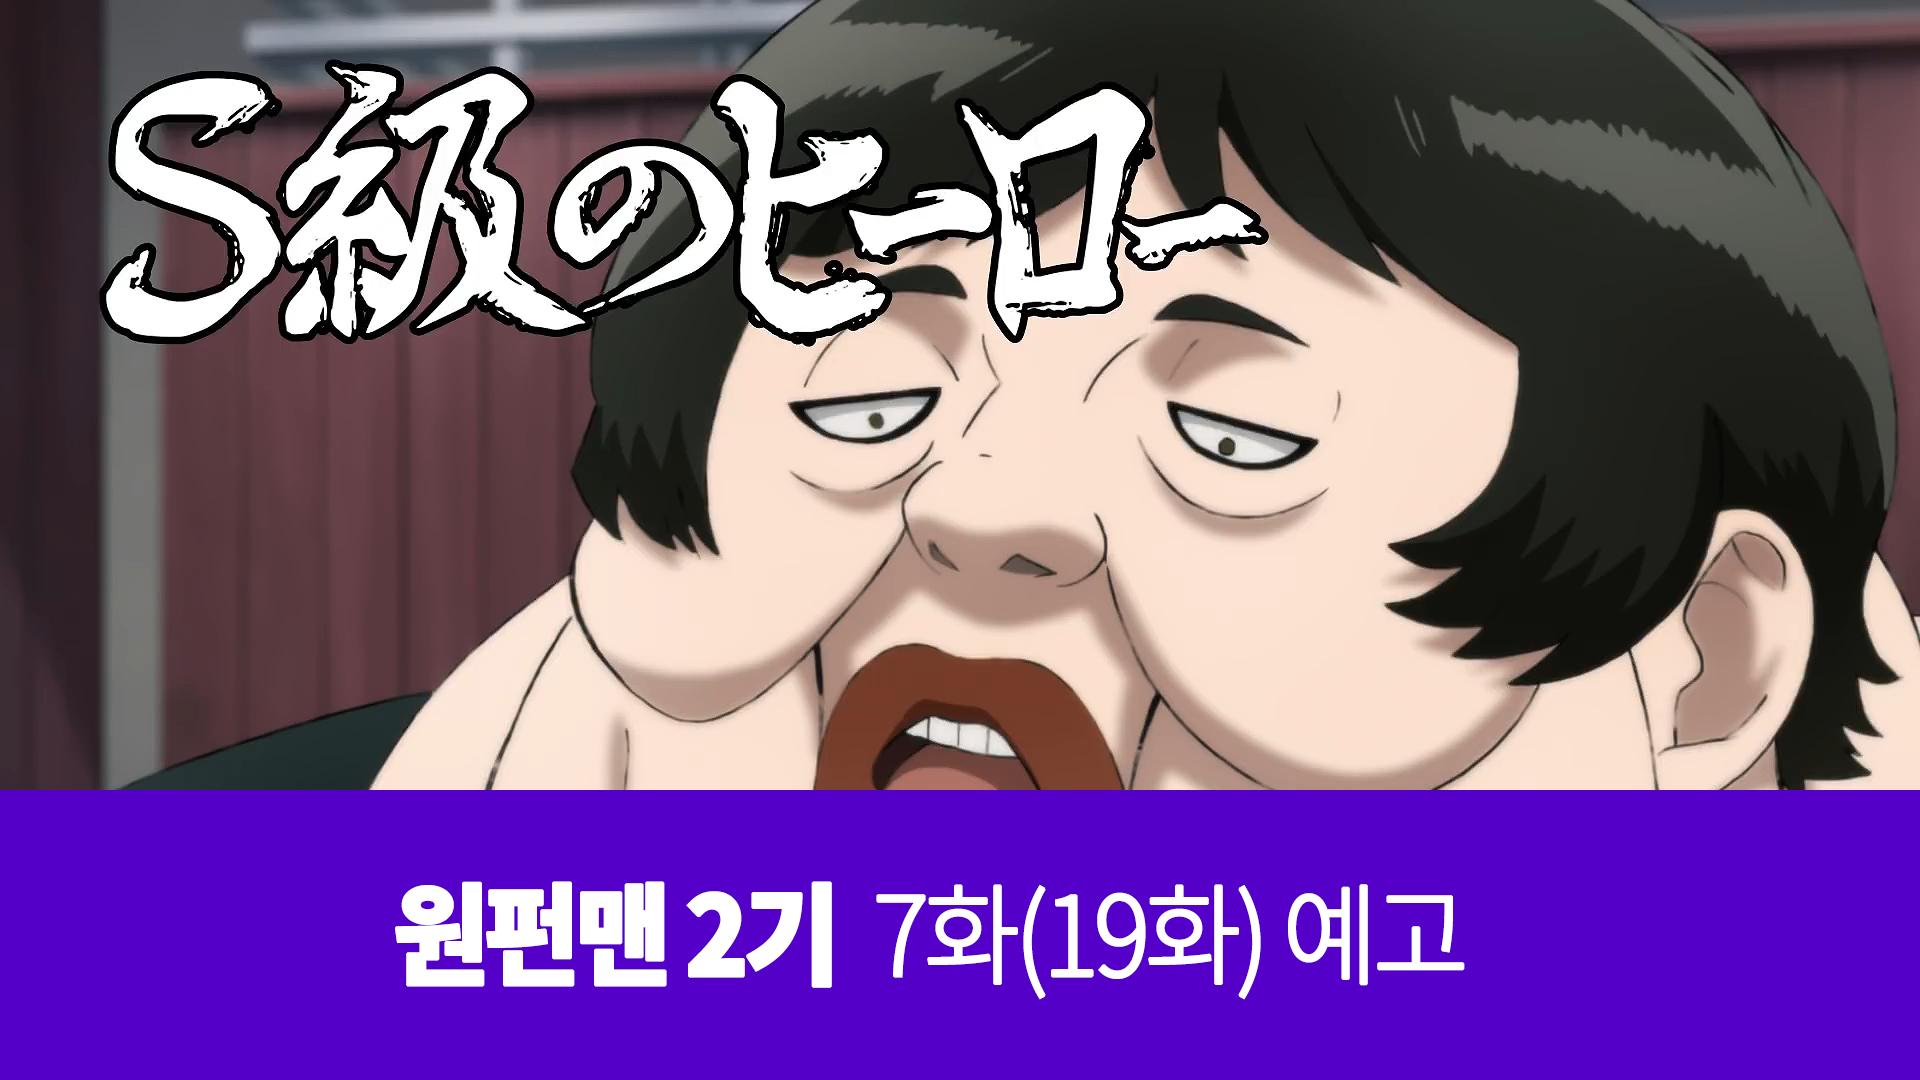 원펀맨 2기 7화(19화) 예고